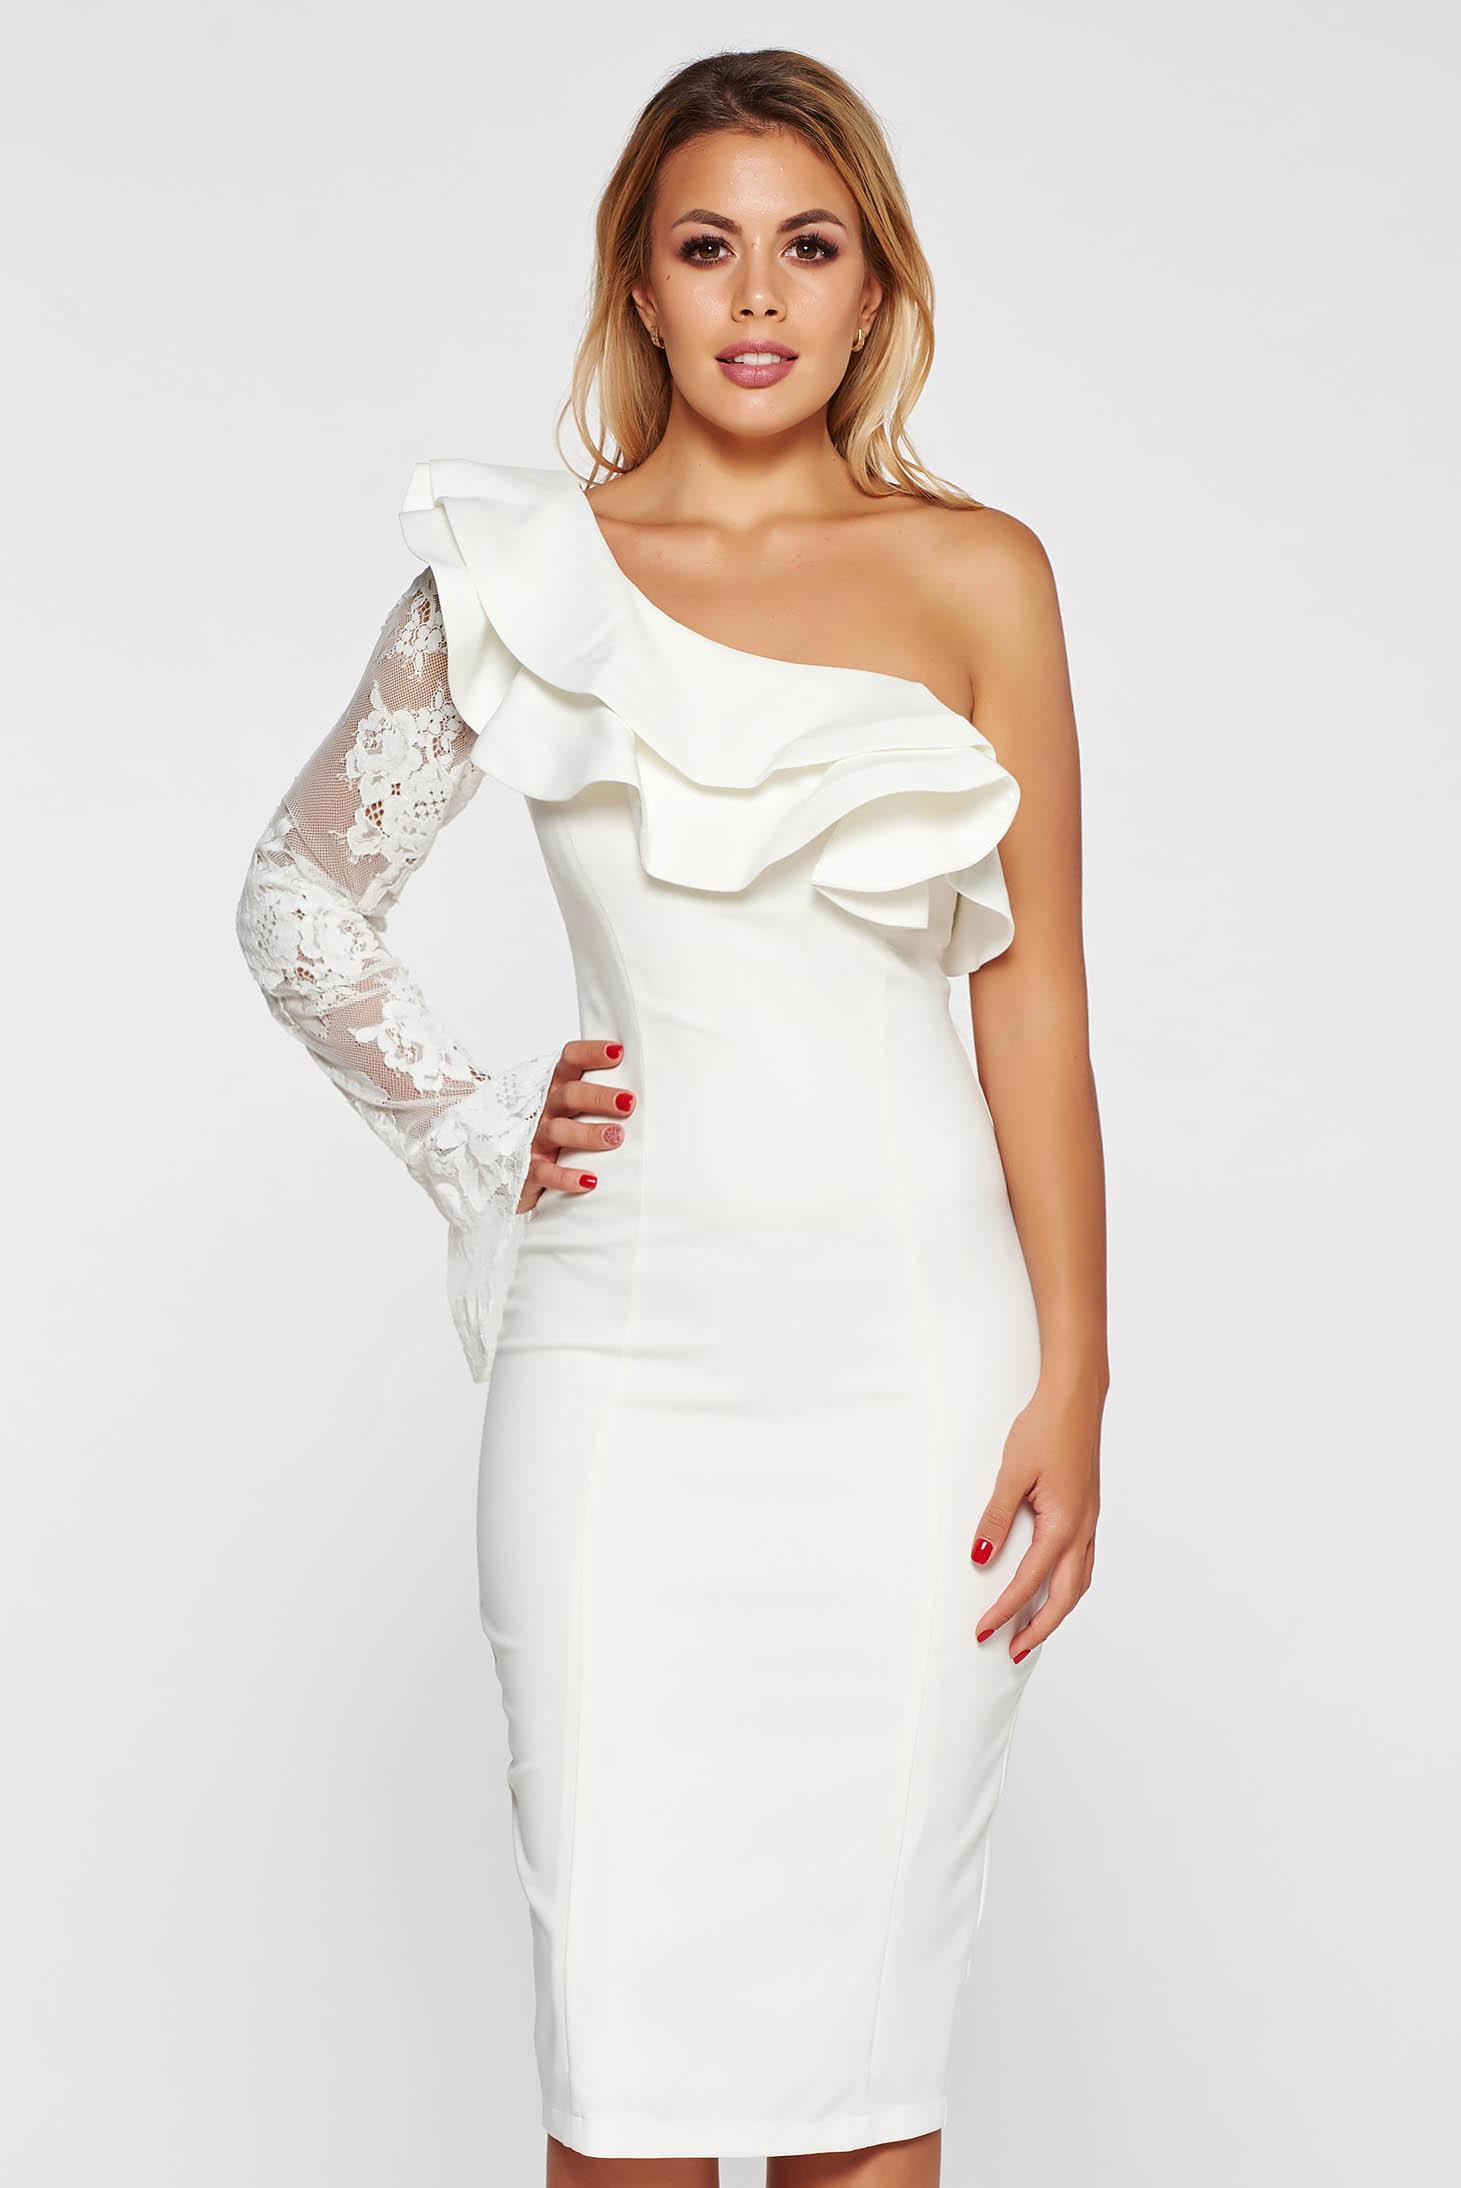 066b46410a Fehér LaDonna elegáns ceruza ruha belső béléssel enyhén elasztikus szövet  csipke díszítéssel